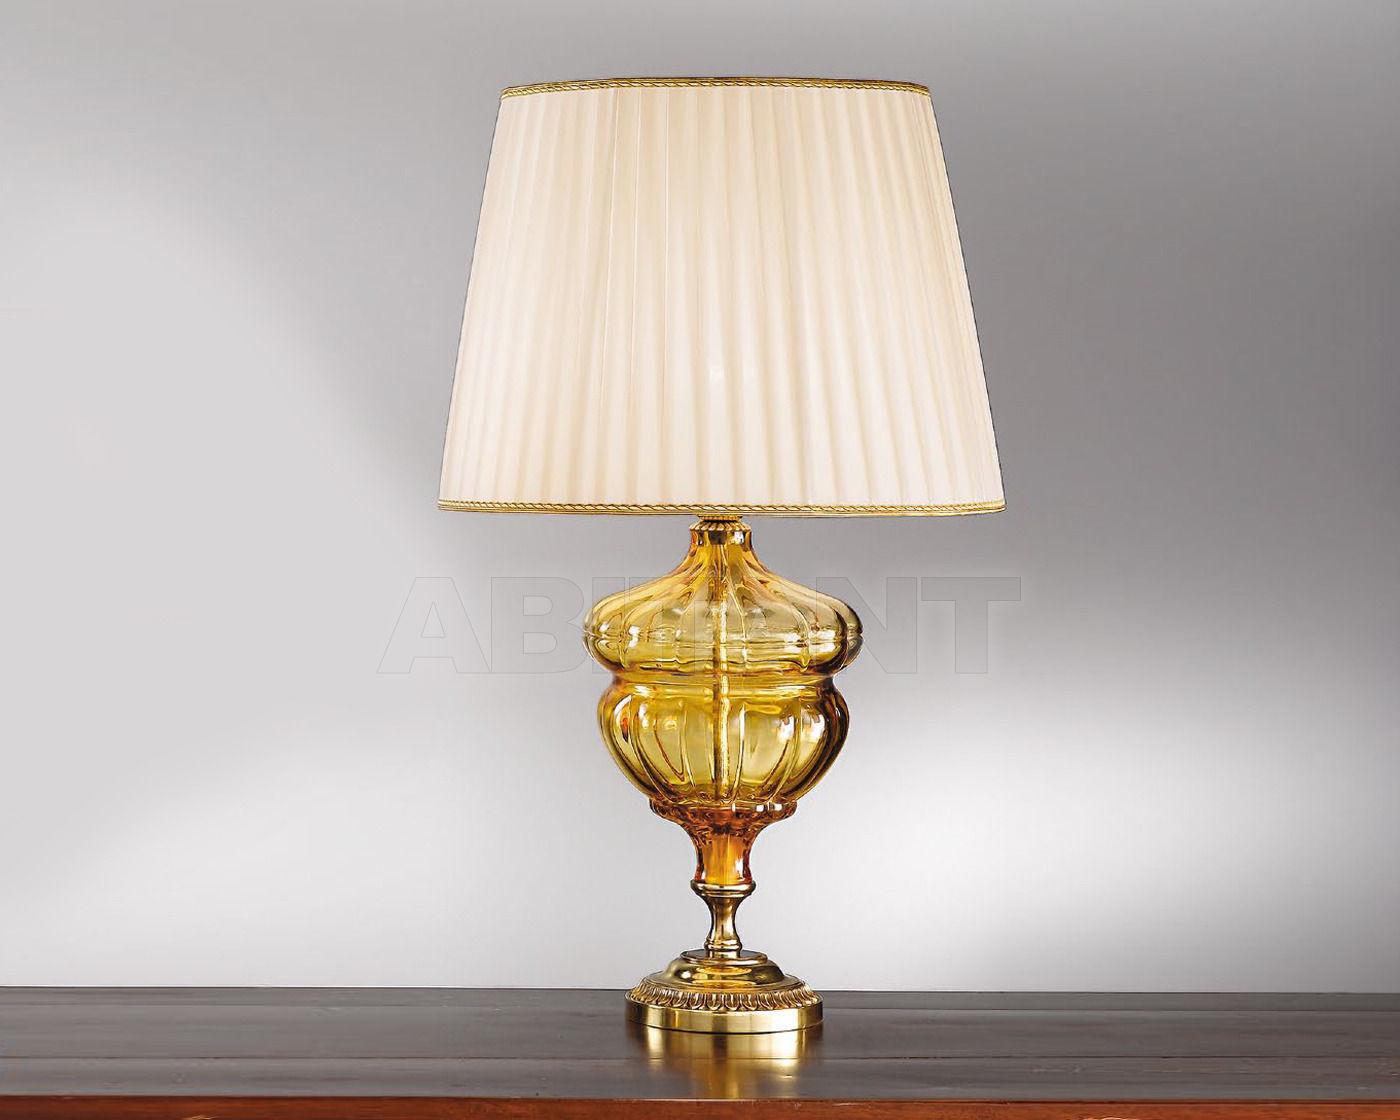 Купить Лампа настольная Nervilamp Snc Nervilamp 2013 571/1LG/AM